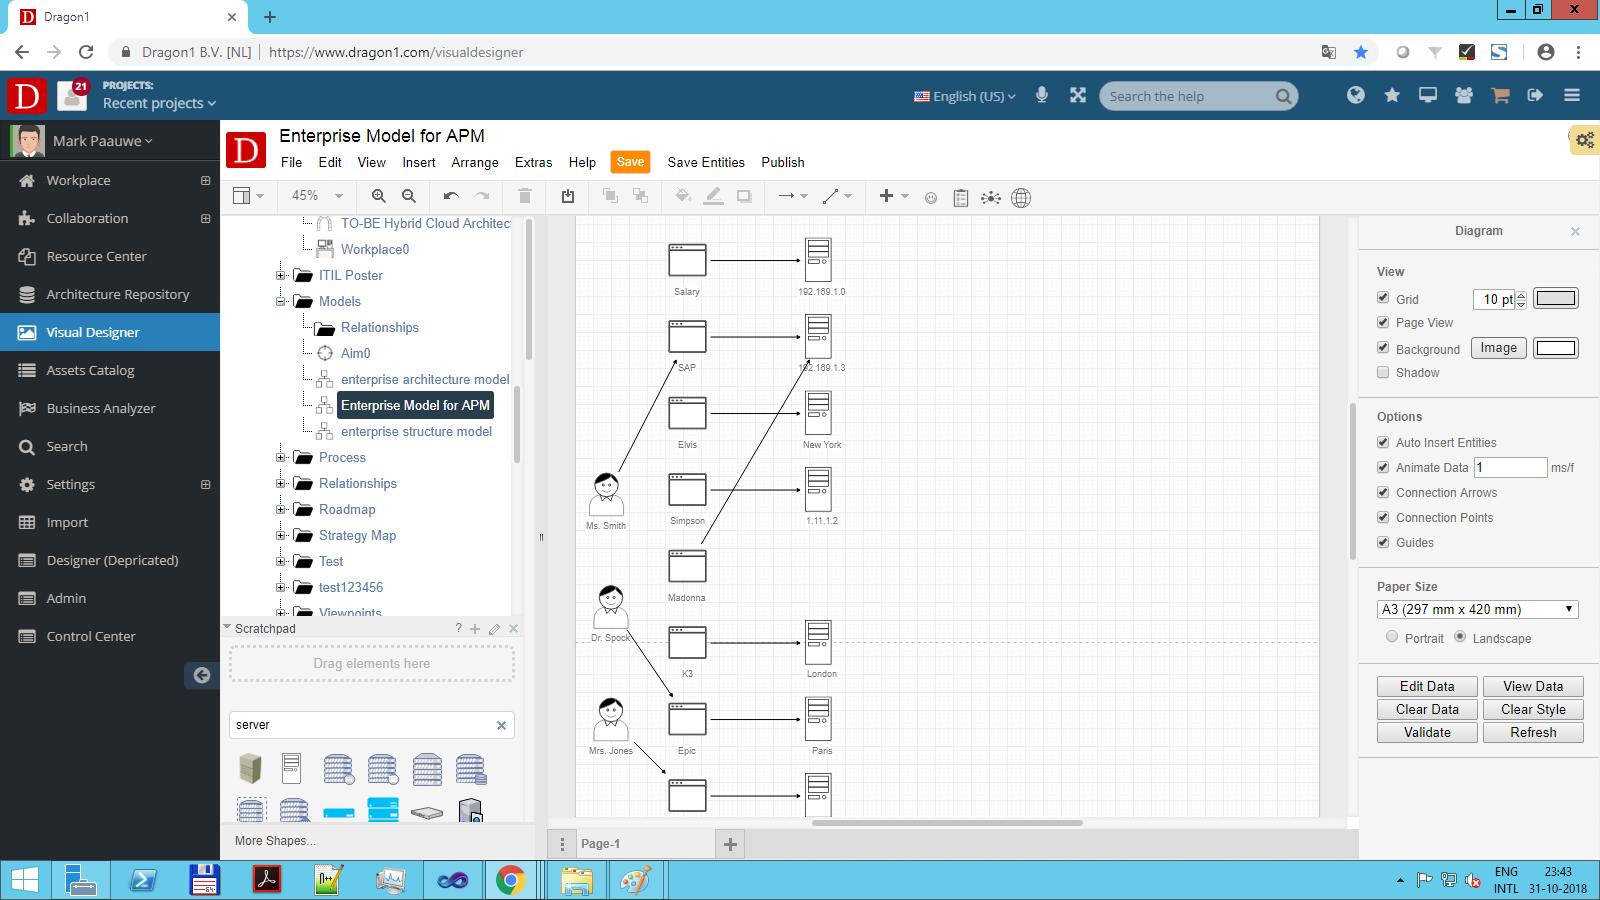 portfolio management model